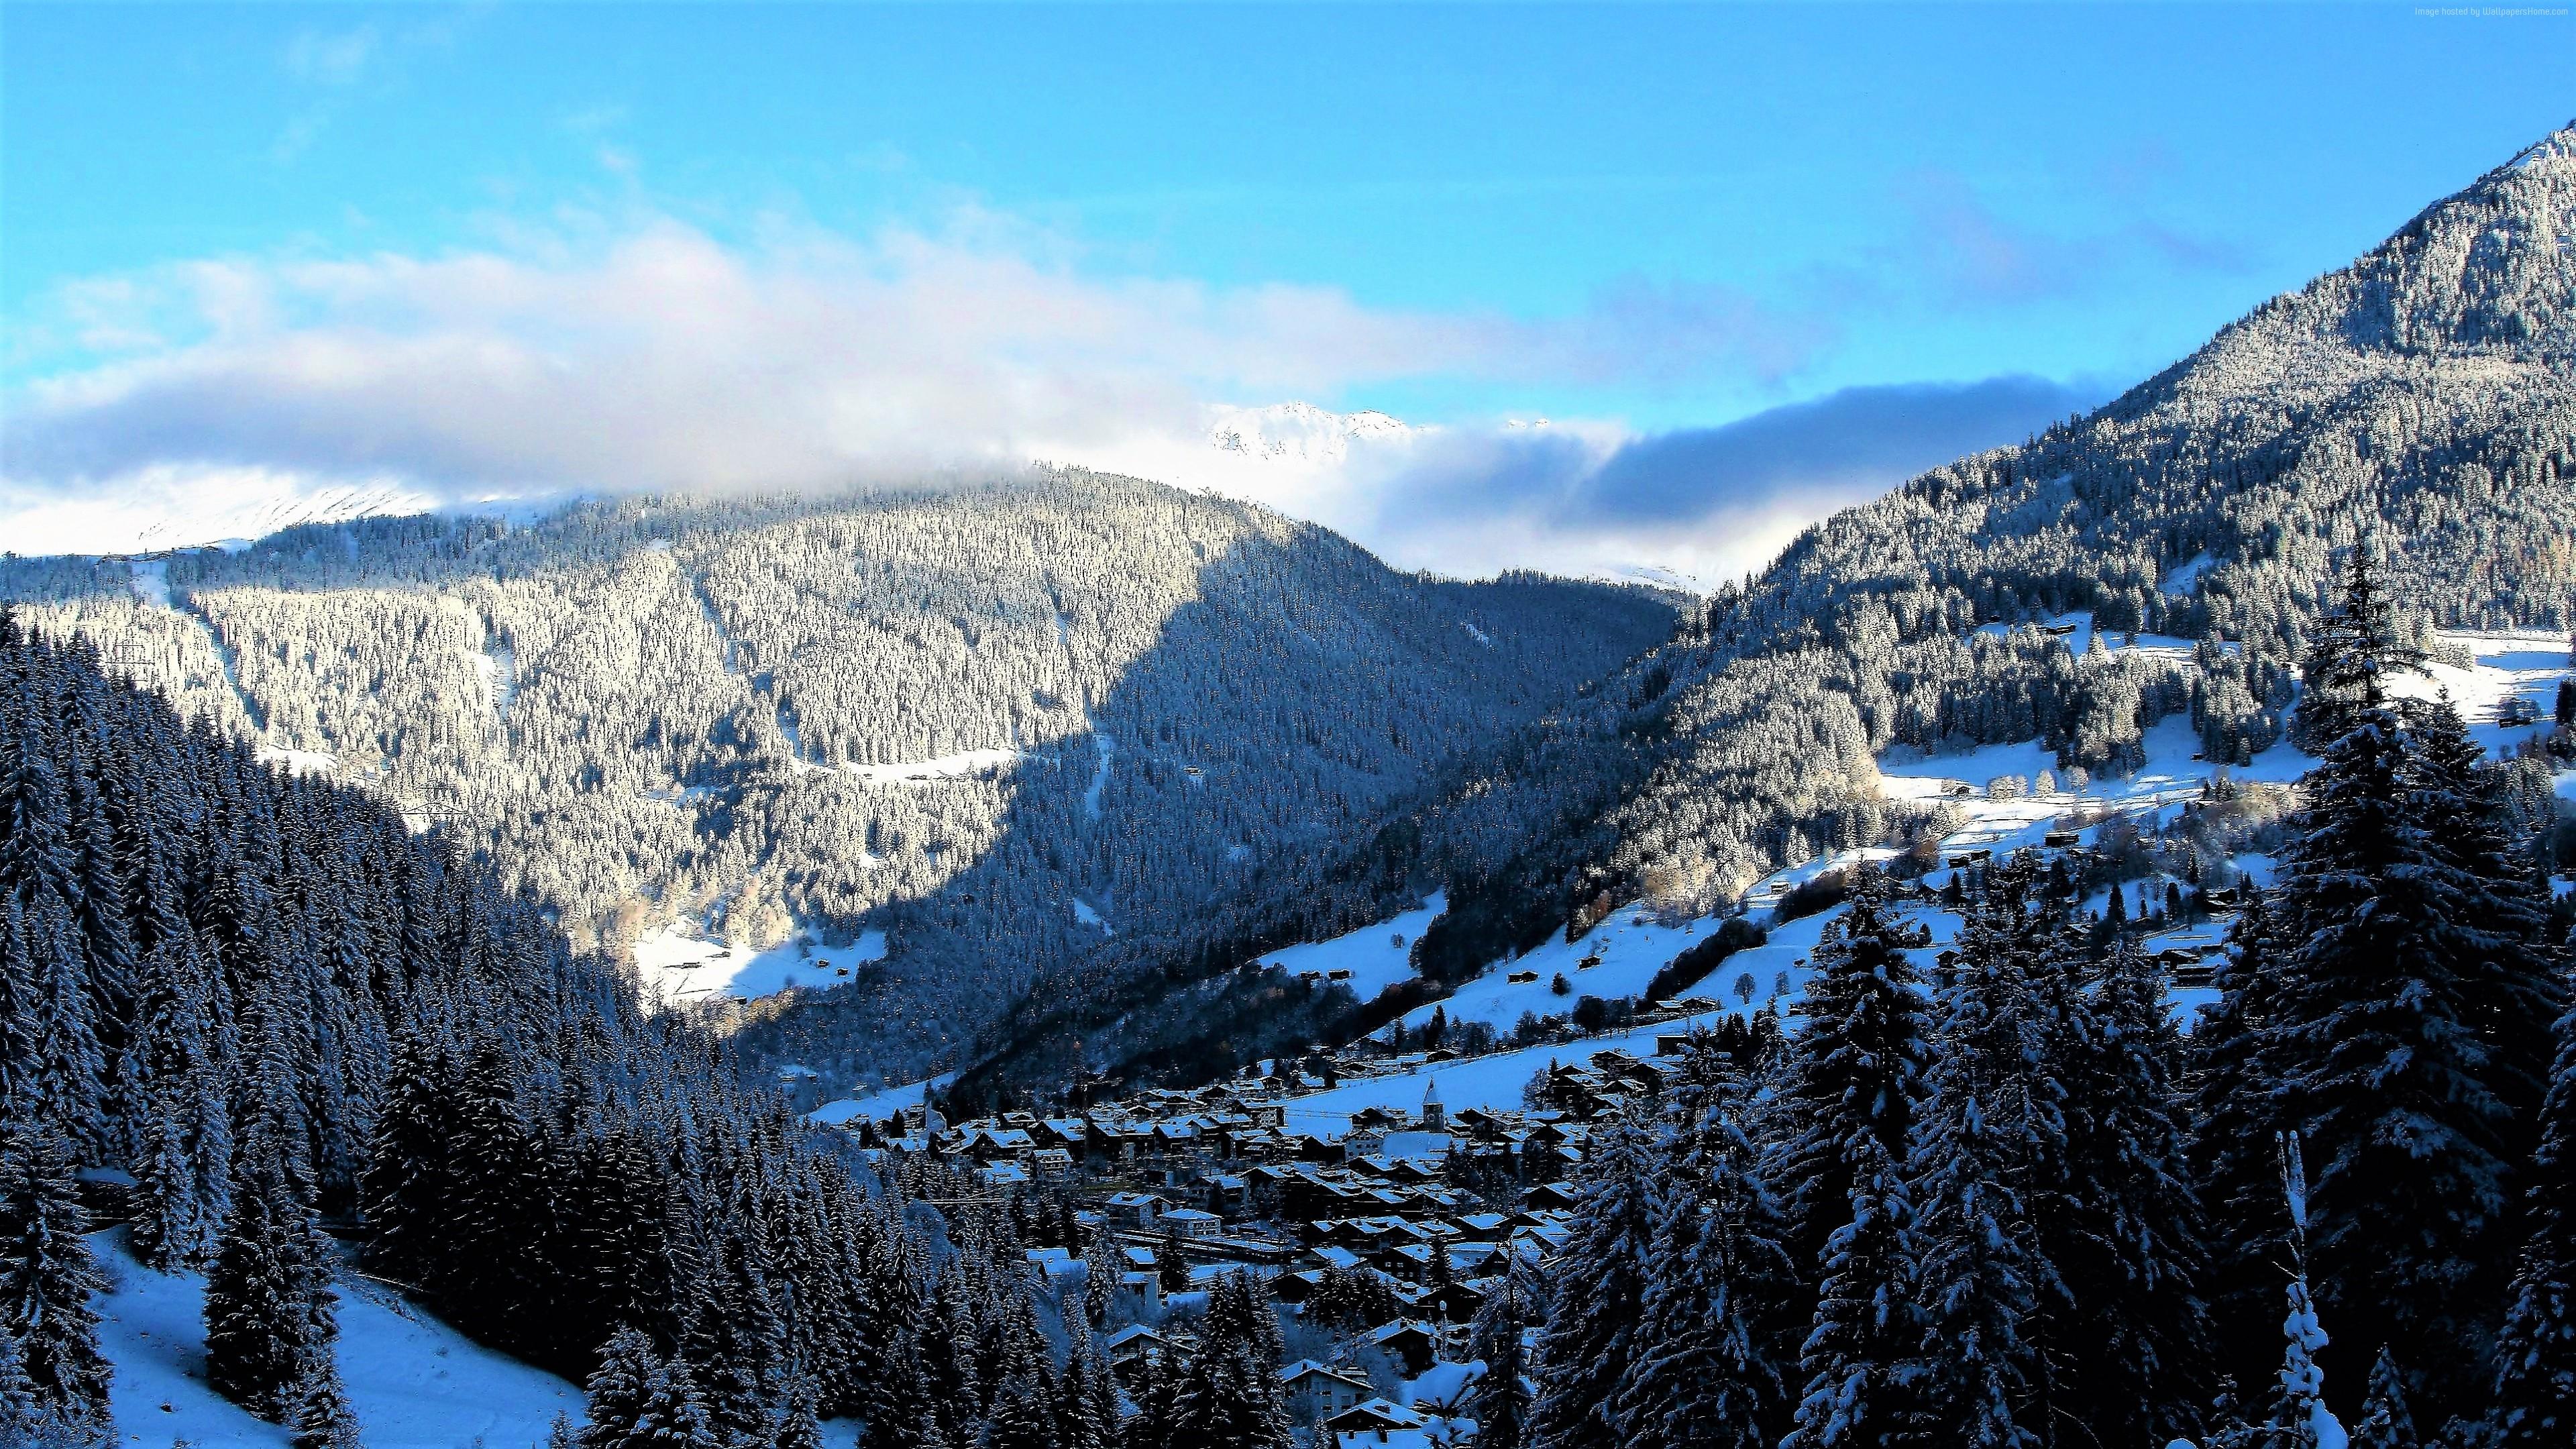 Wallpaper Mountains Snow Winter Forest 4k Nature Wallpaper Download High Resolution 4k Wallpaper